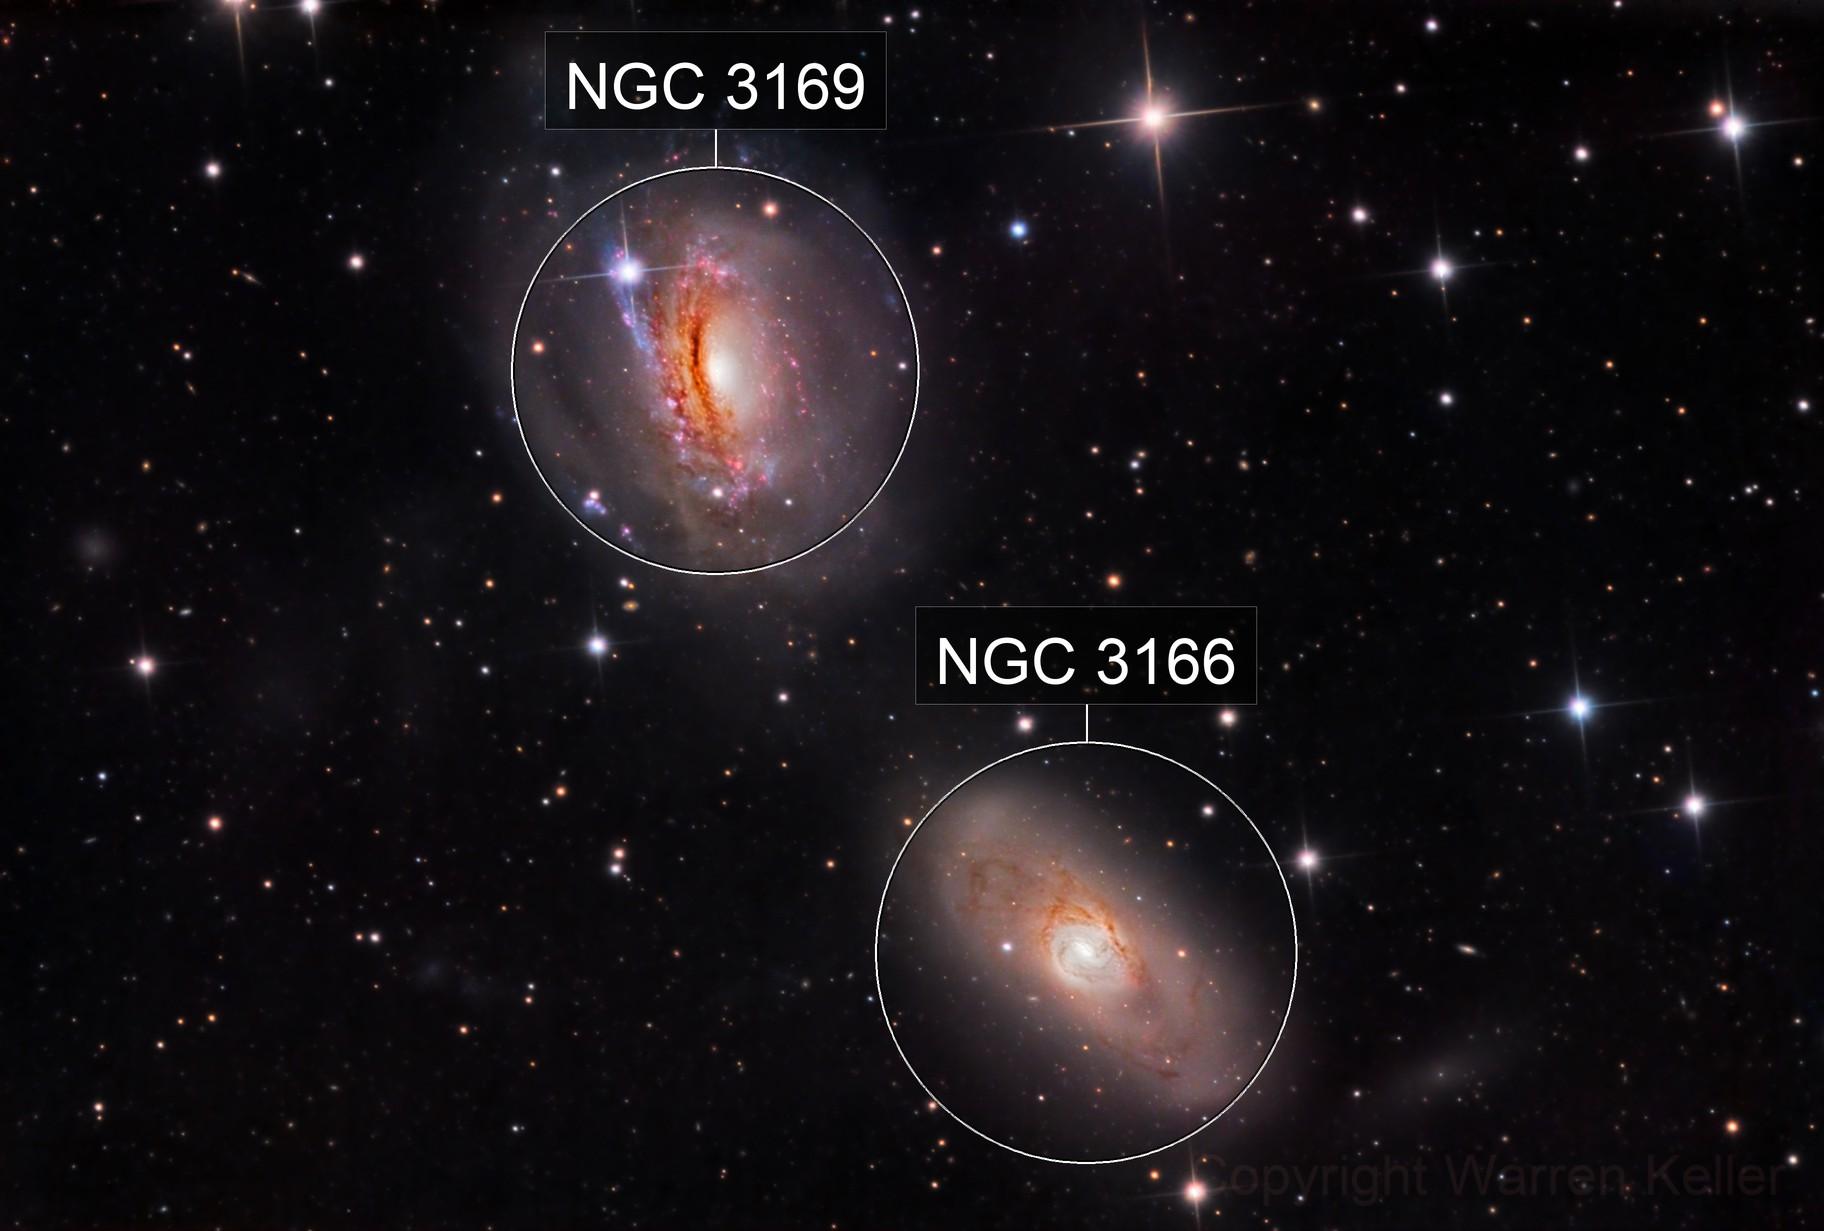 NGC 3166 and 3169